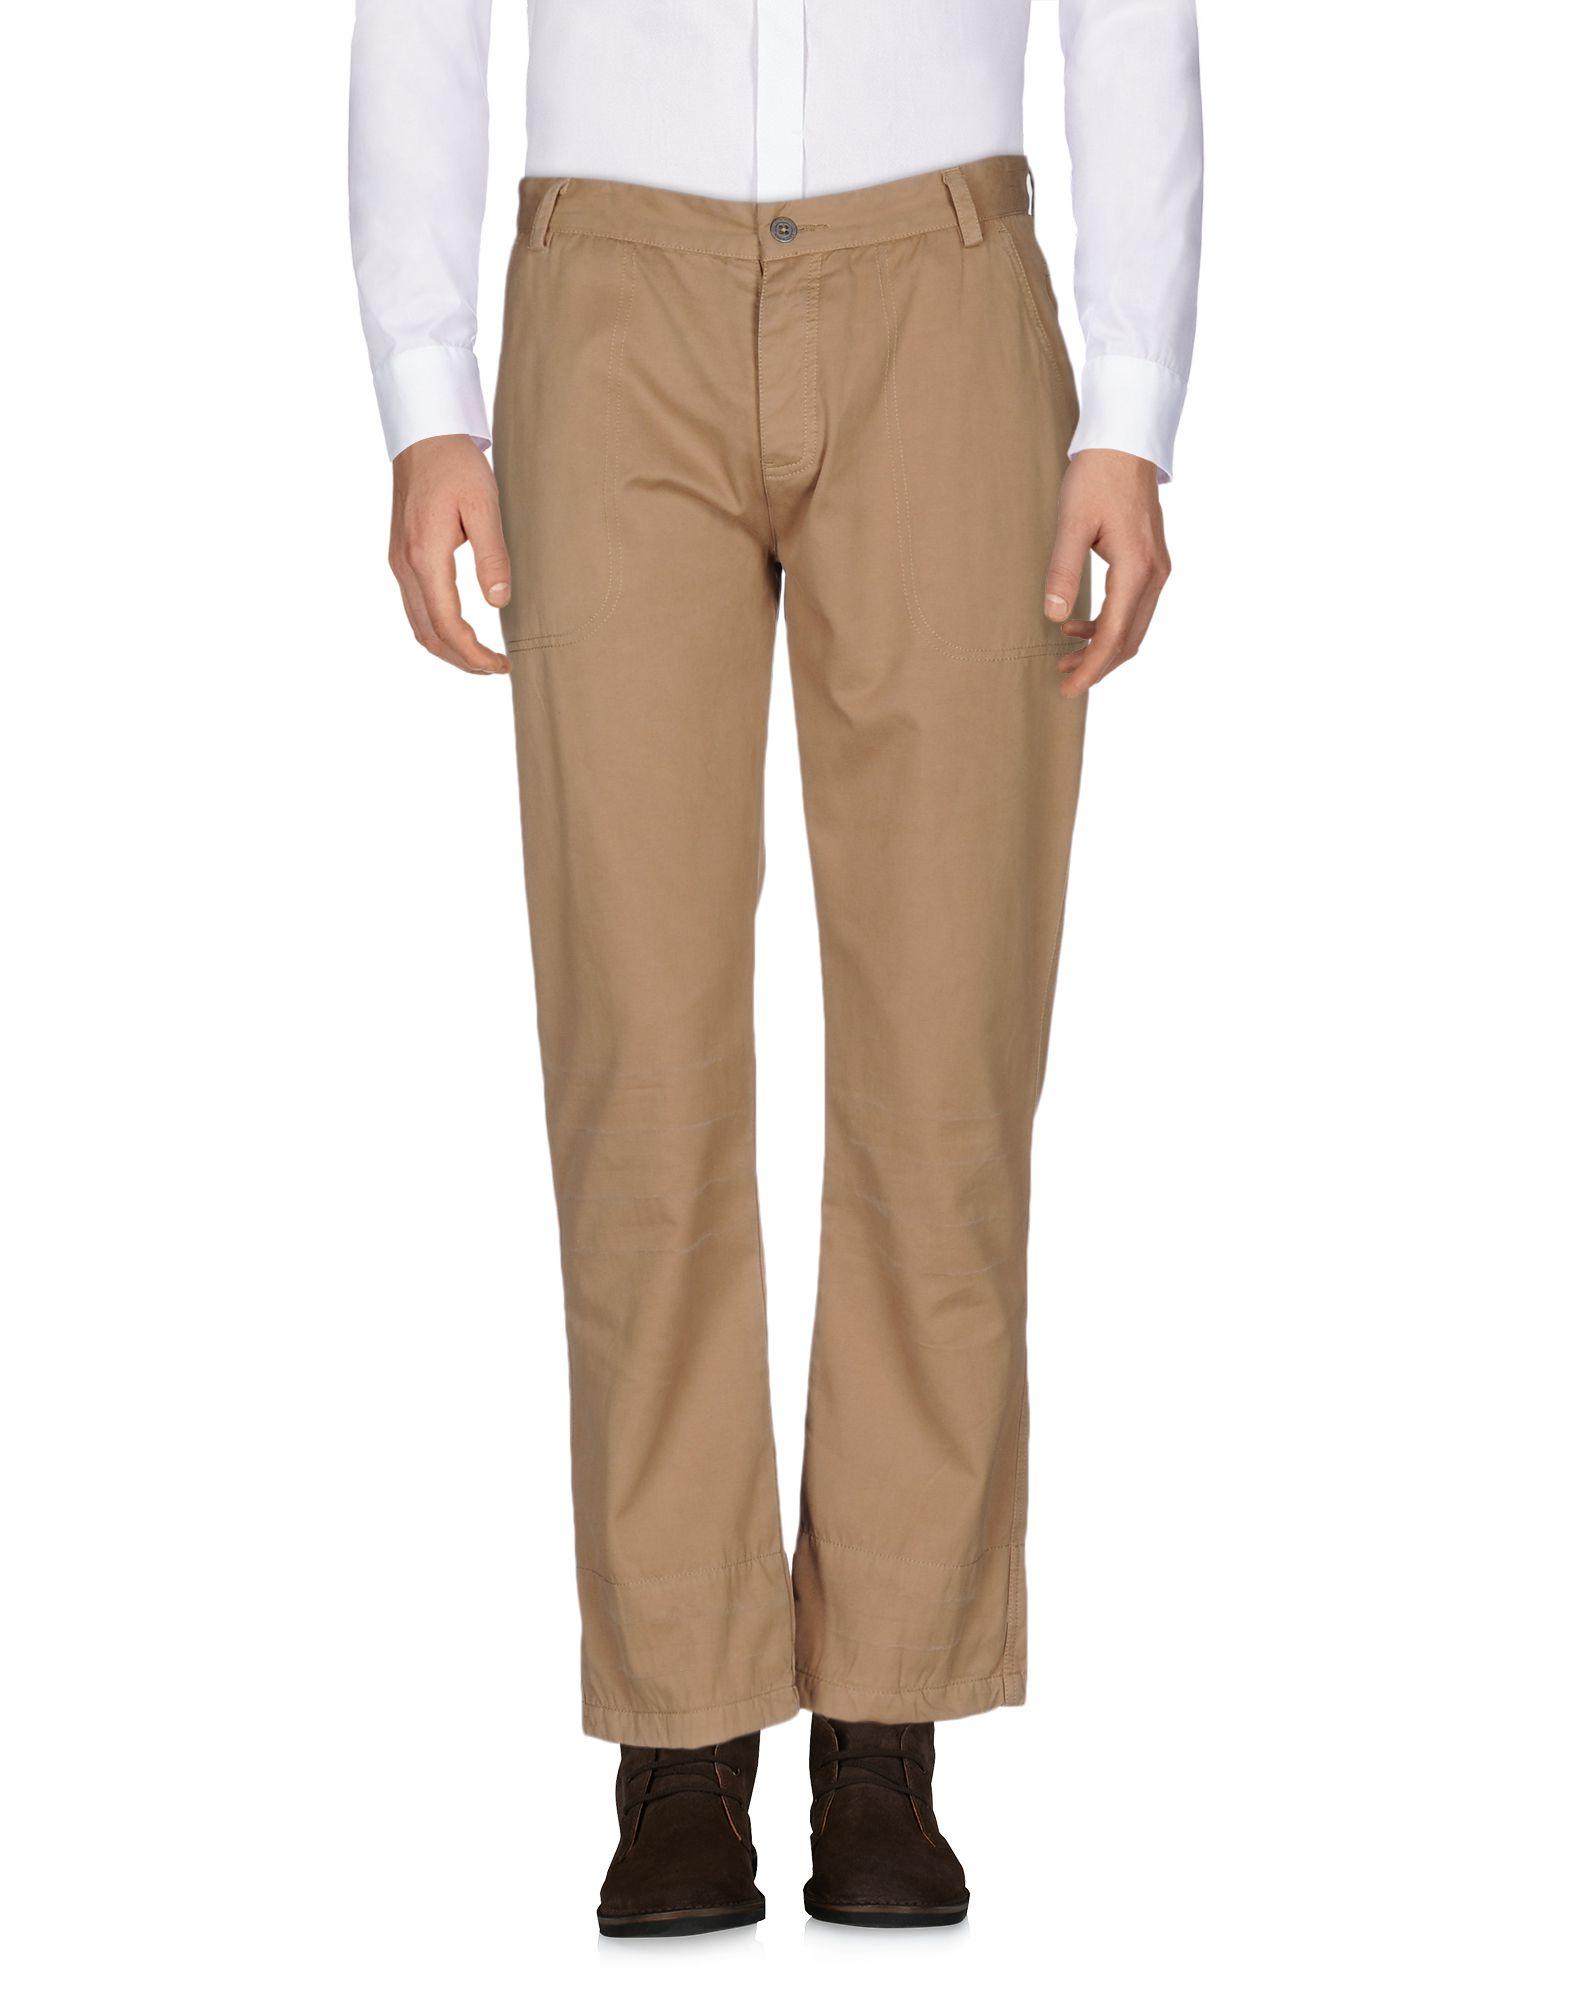 ФОТО junk de luxe повседневные брюки